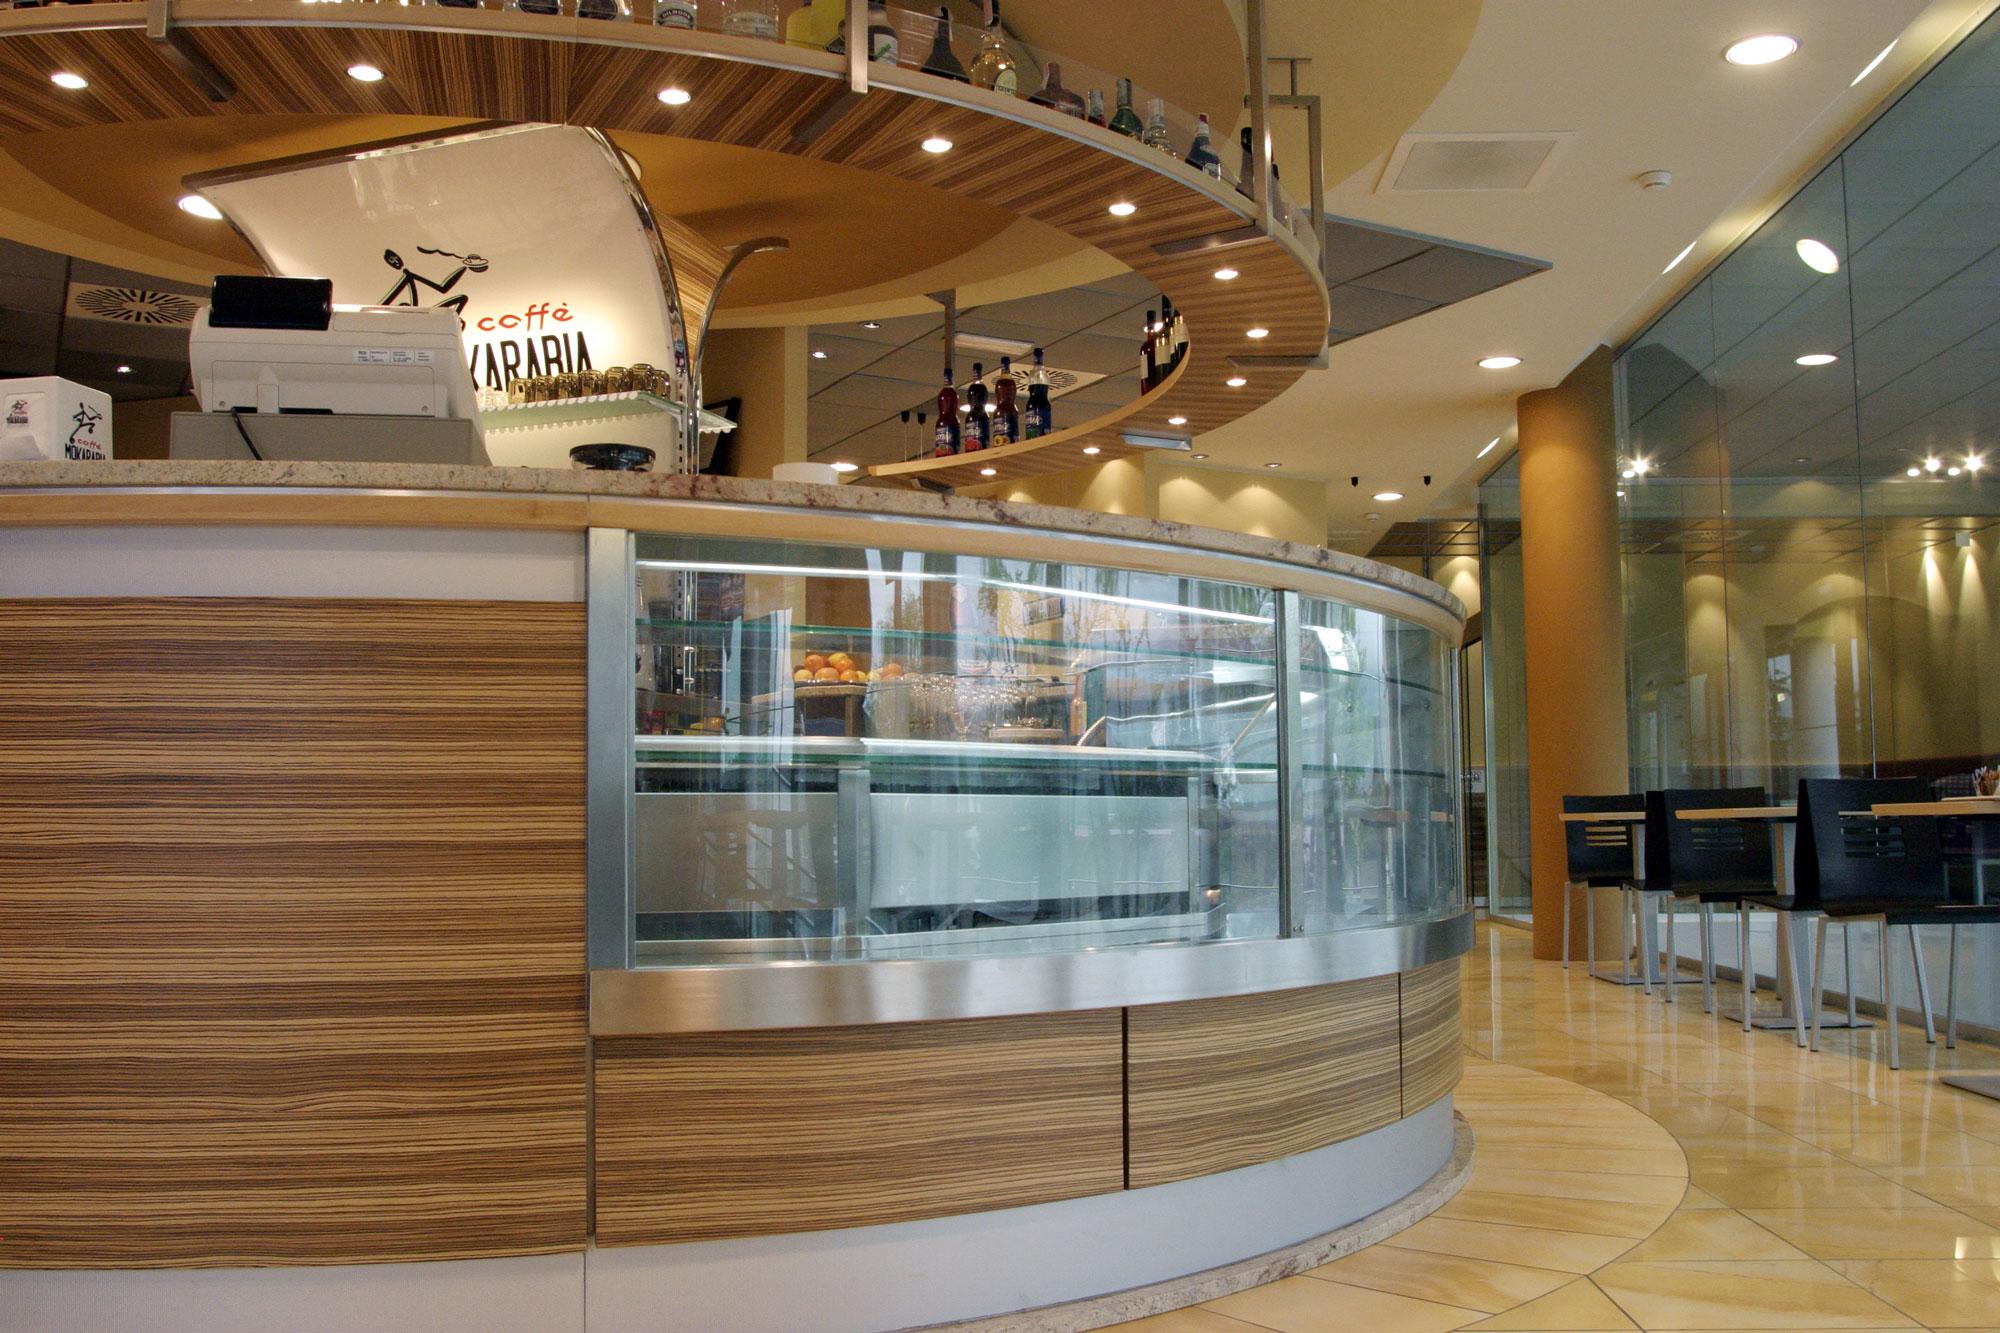 Arredamento ristorante in legno gm group a trento for Abc arredamenti trento orari